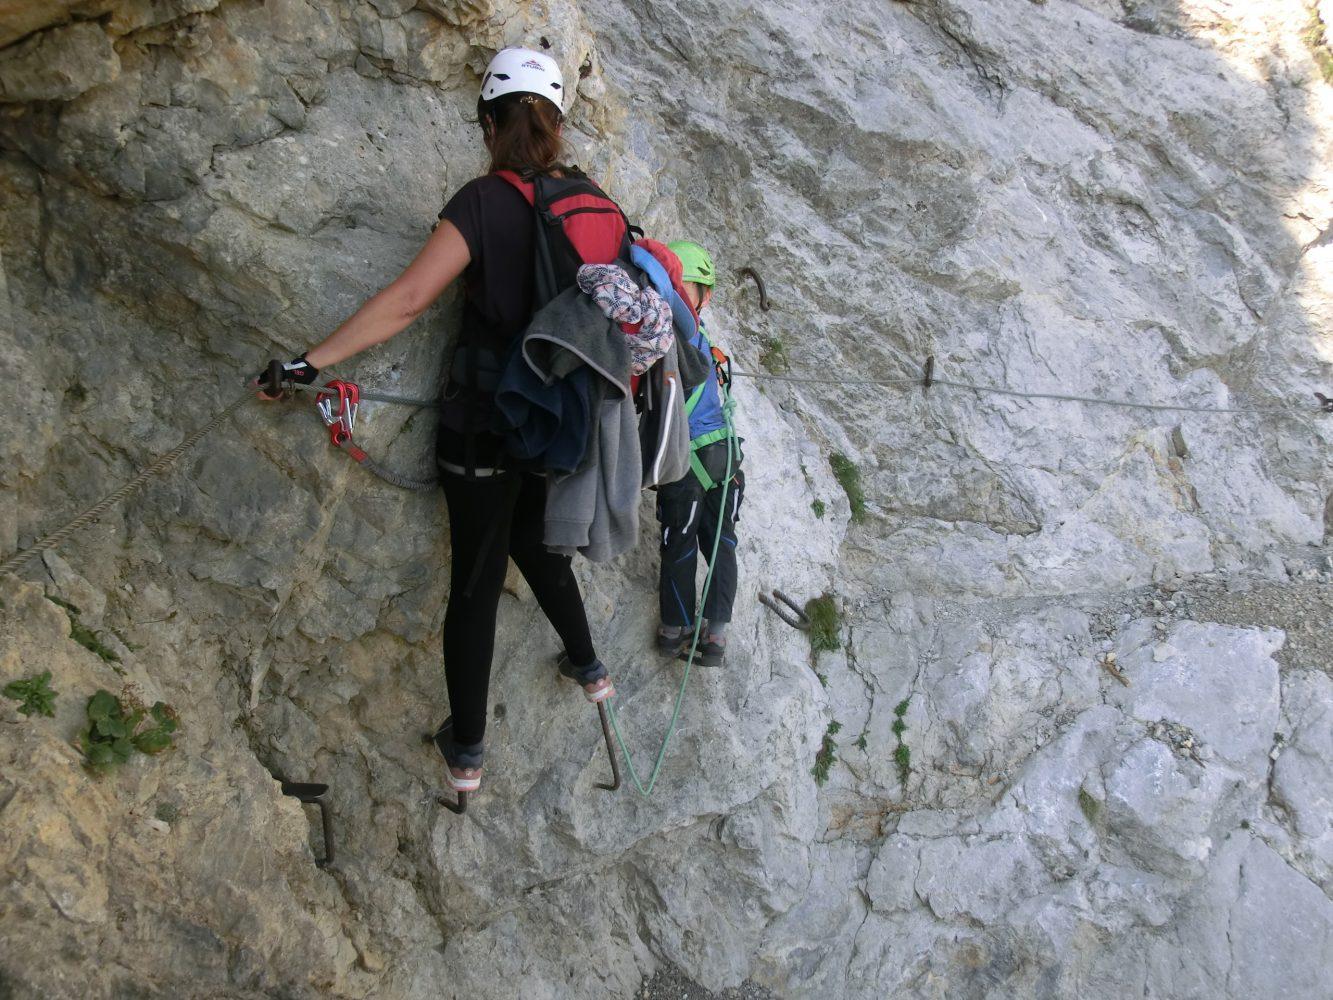 Respekt vor dem Berg und ein wenig Mut bringen die Jungs auch über kribbelige Stellen